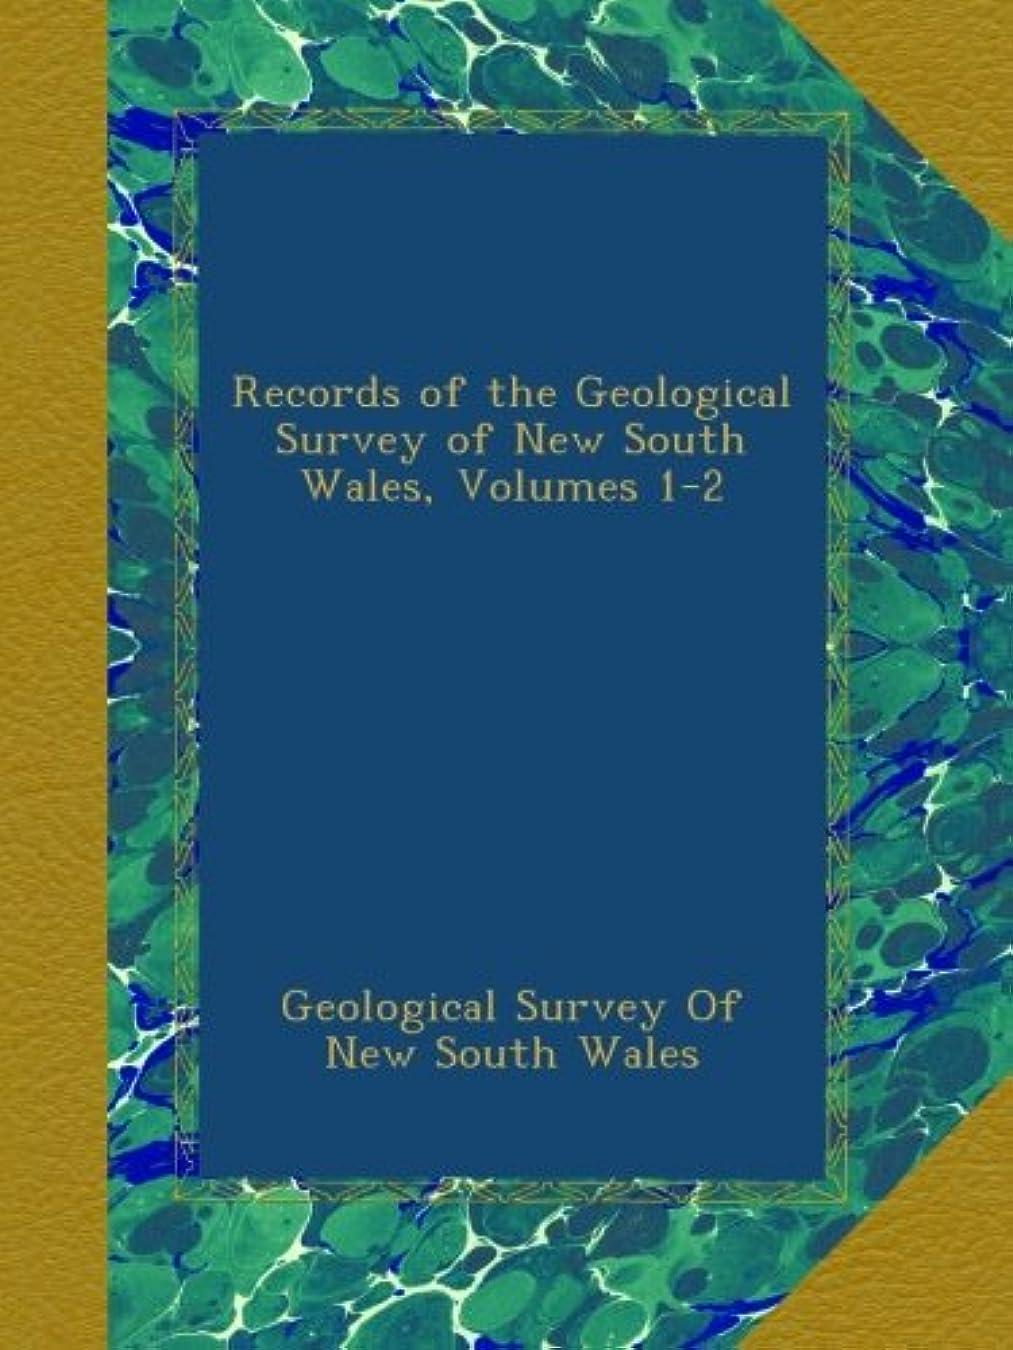 ストライク帝国蜂Records of the Geological Survey of New South Wales, Volumes 1-2